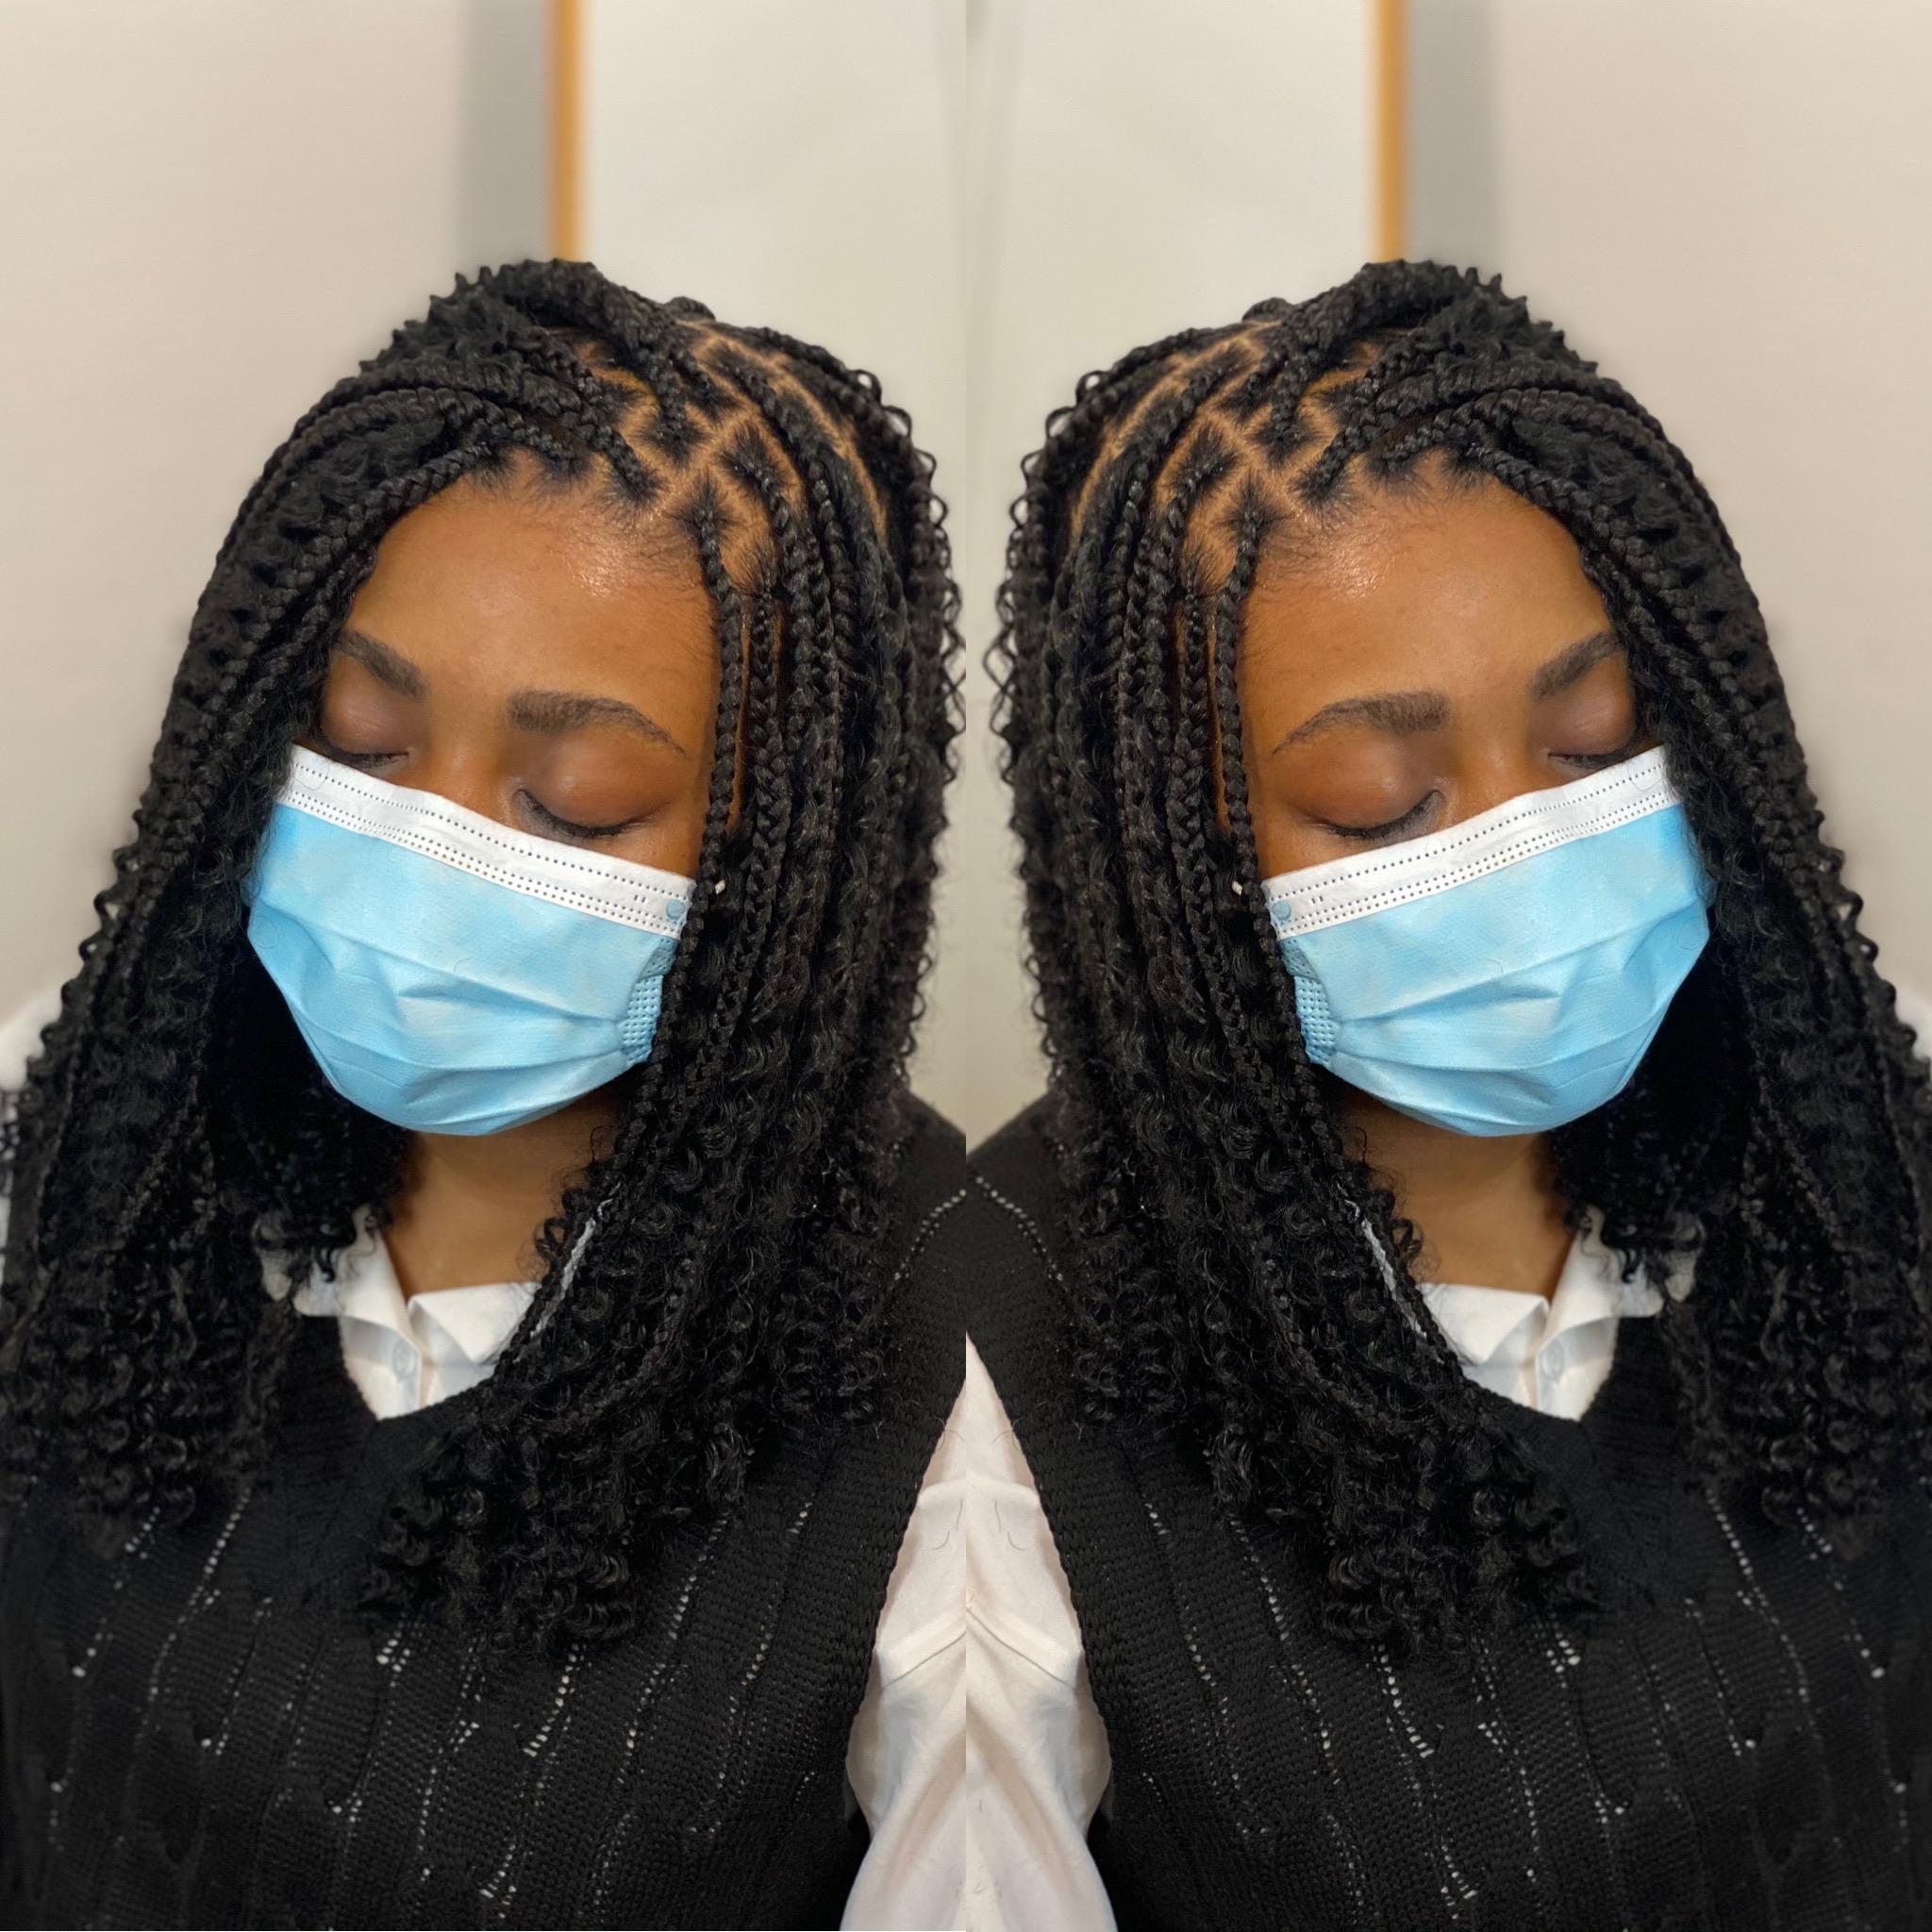 salon de coiffure afro tresse tresses box braids crochet braids vanilles tissages paris 75 77 78 91 92 93 94 95 PZJZYYQC